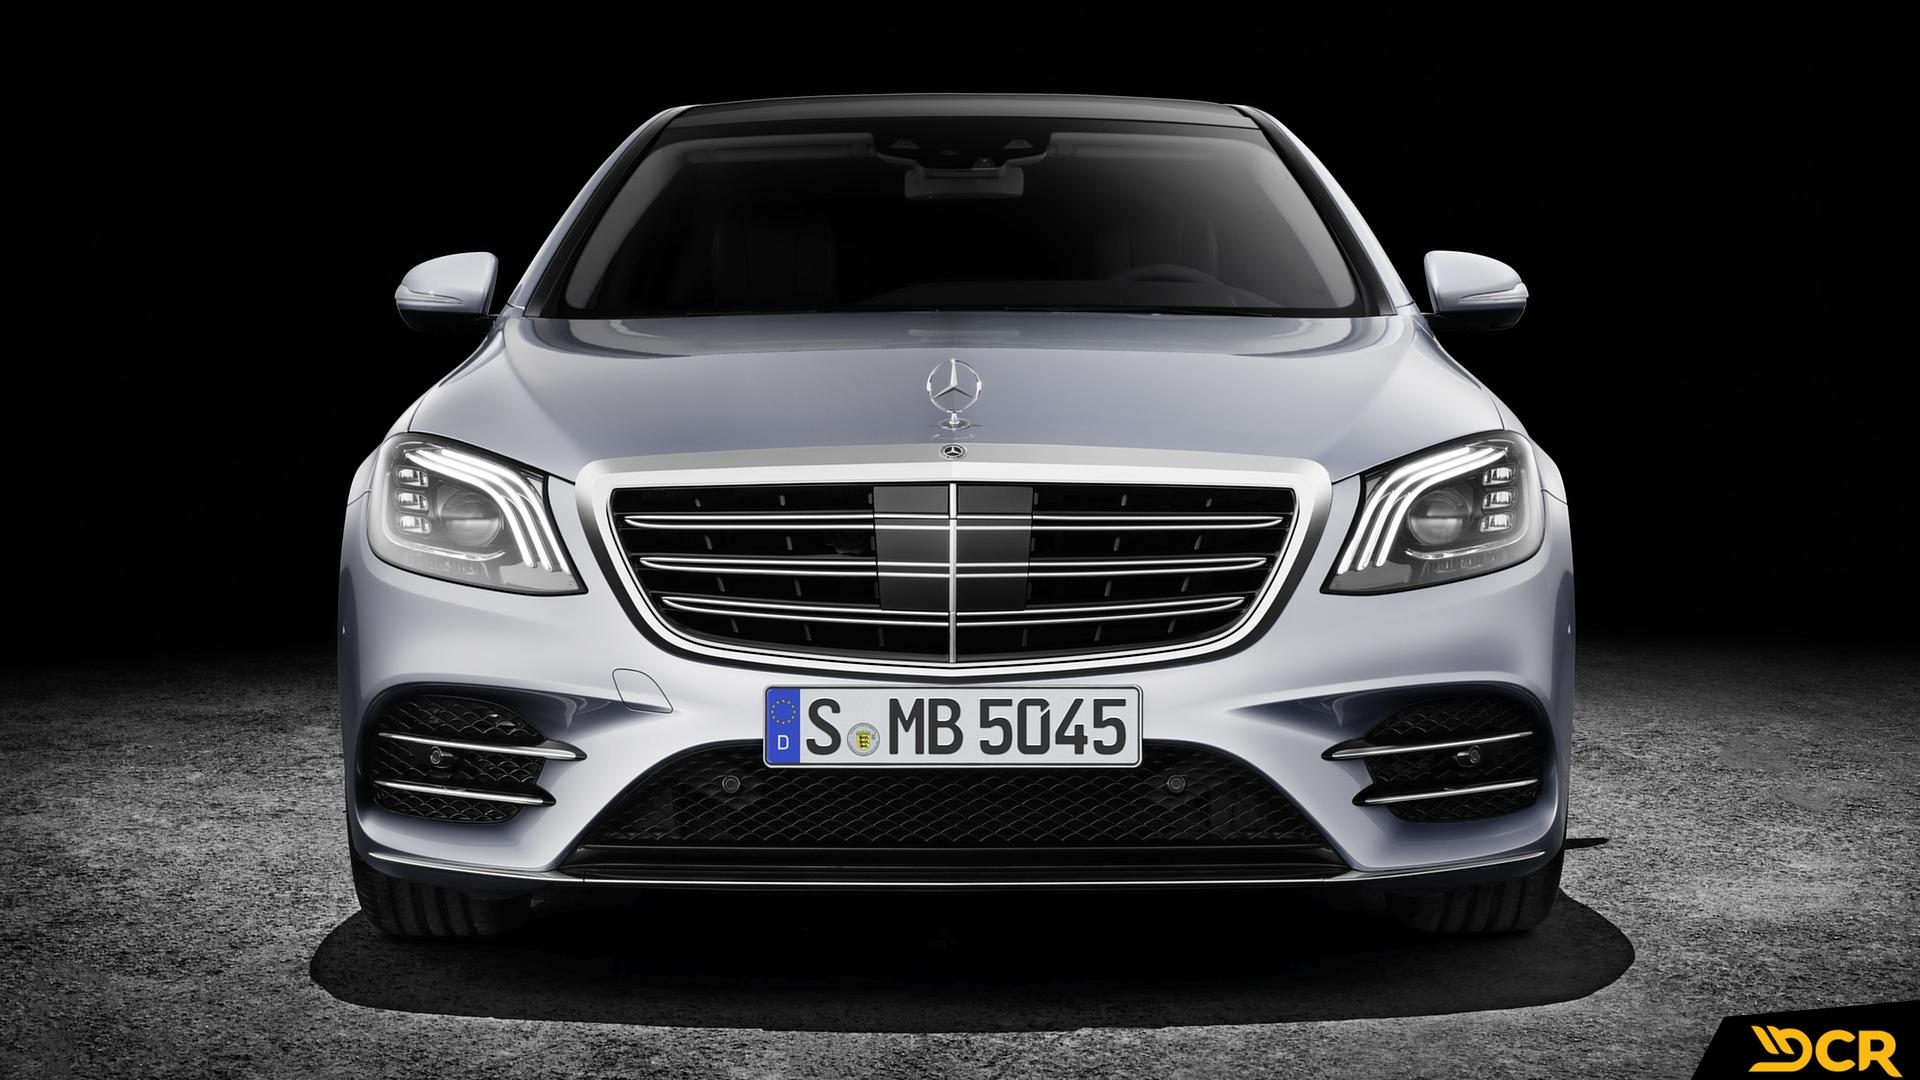 Mercedes-Benz S-Class (S600)